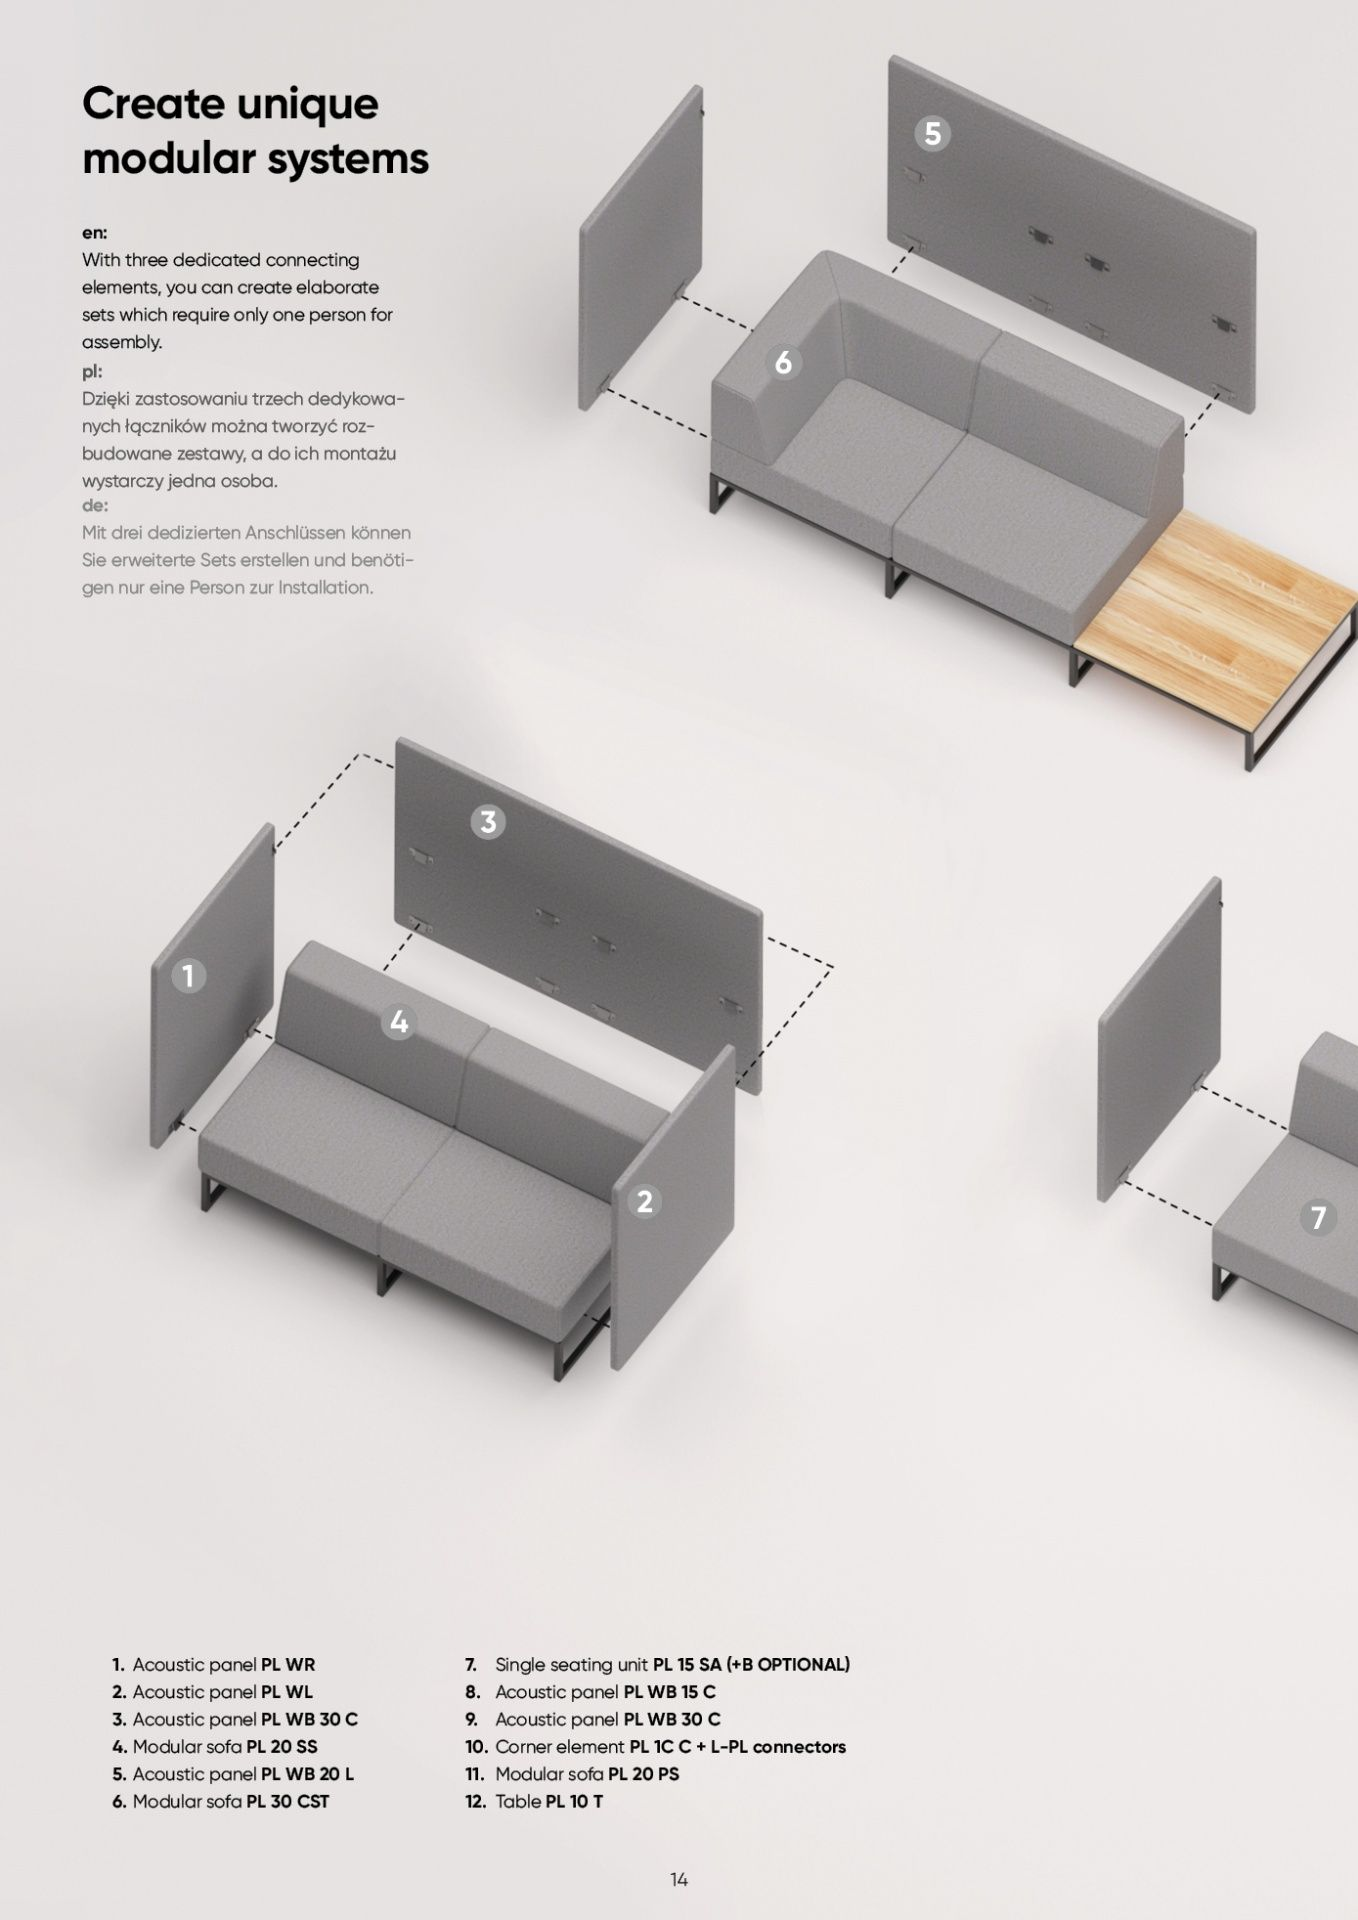 plint-catalogue-v2-14.jpg